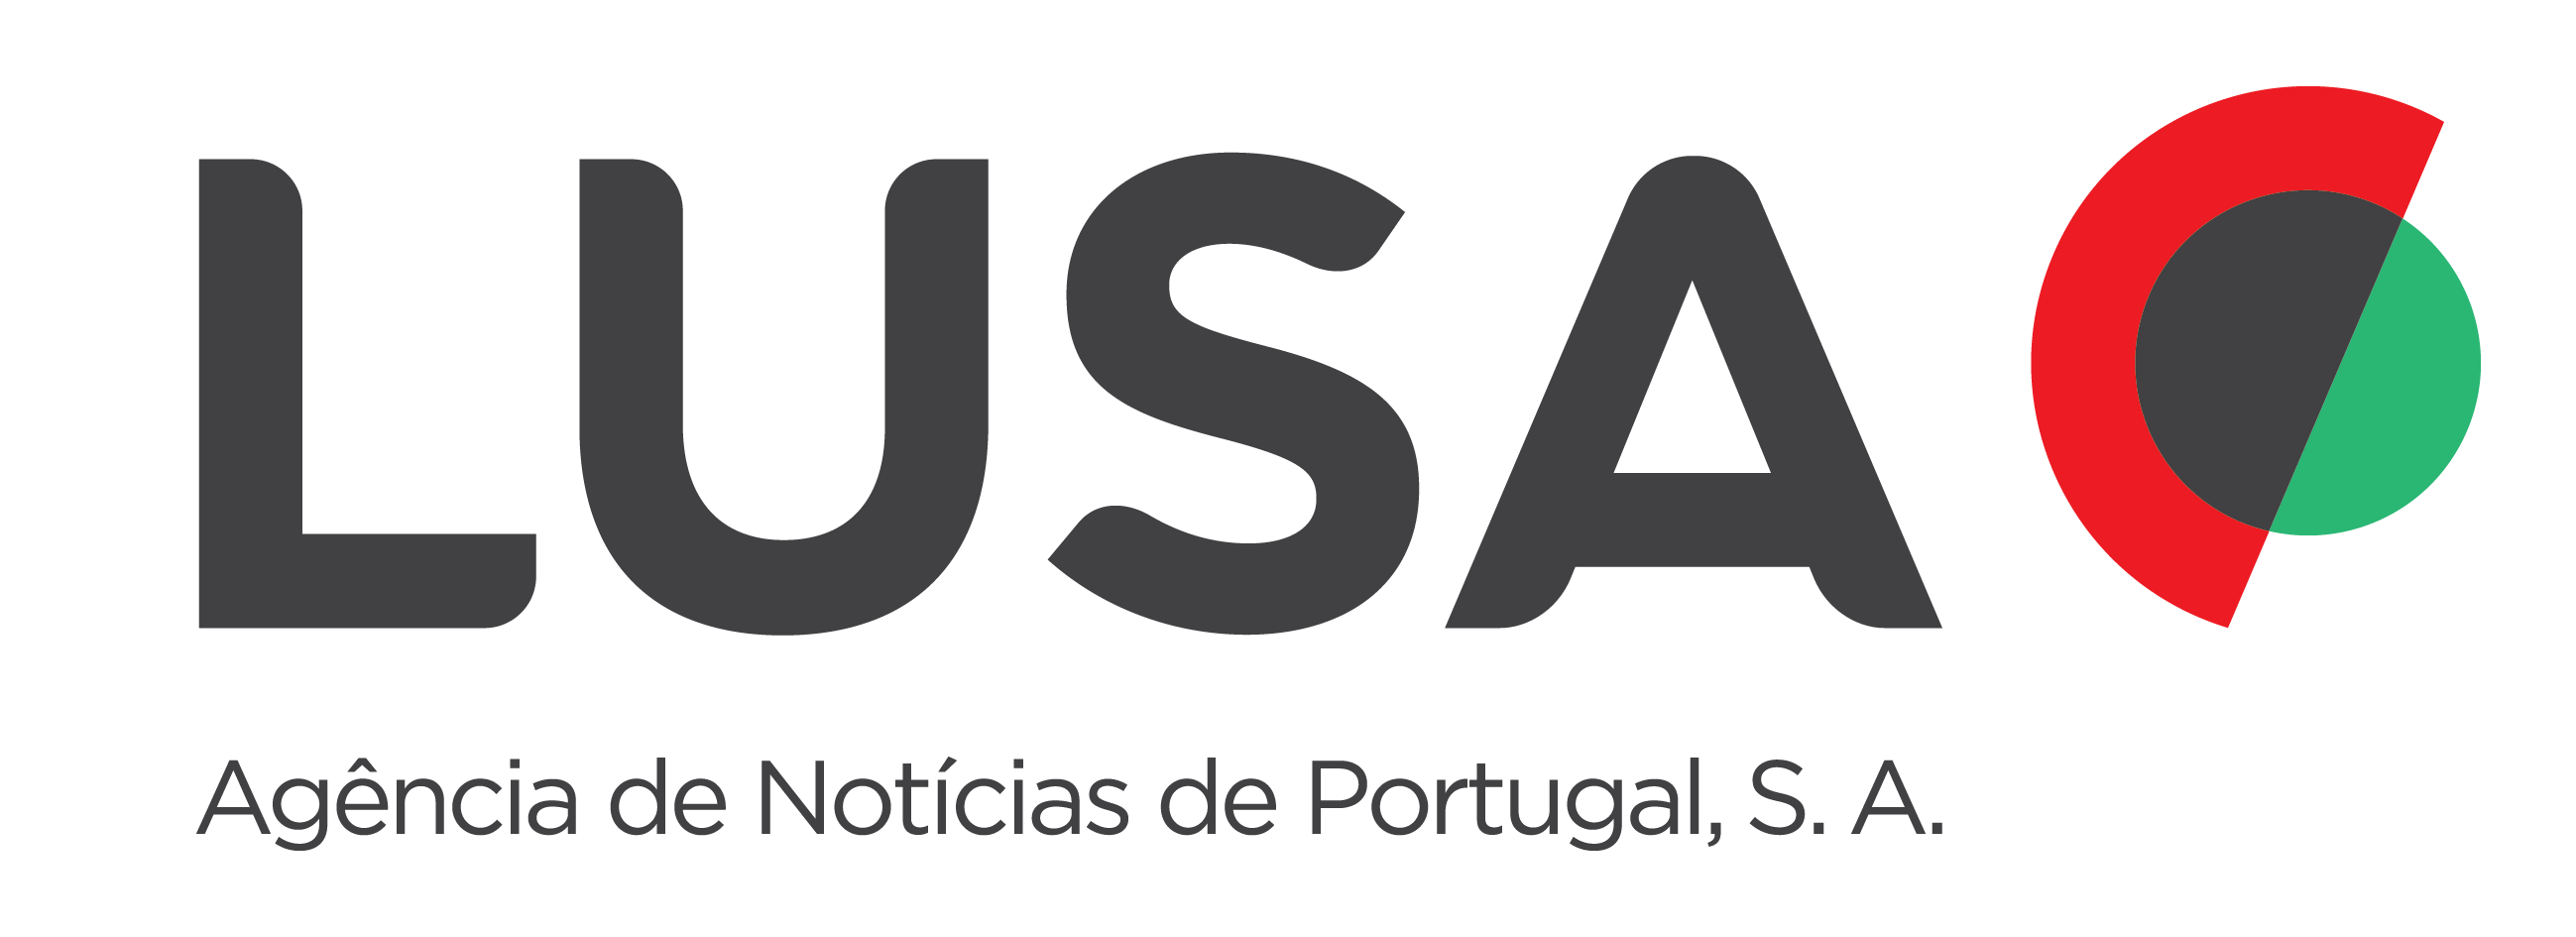 葡萄牙卢萨社-logo.png